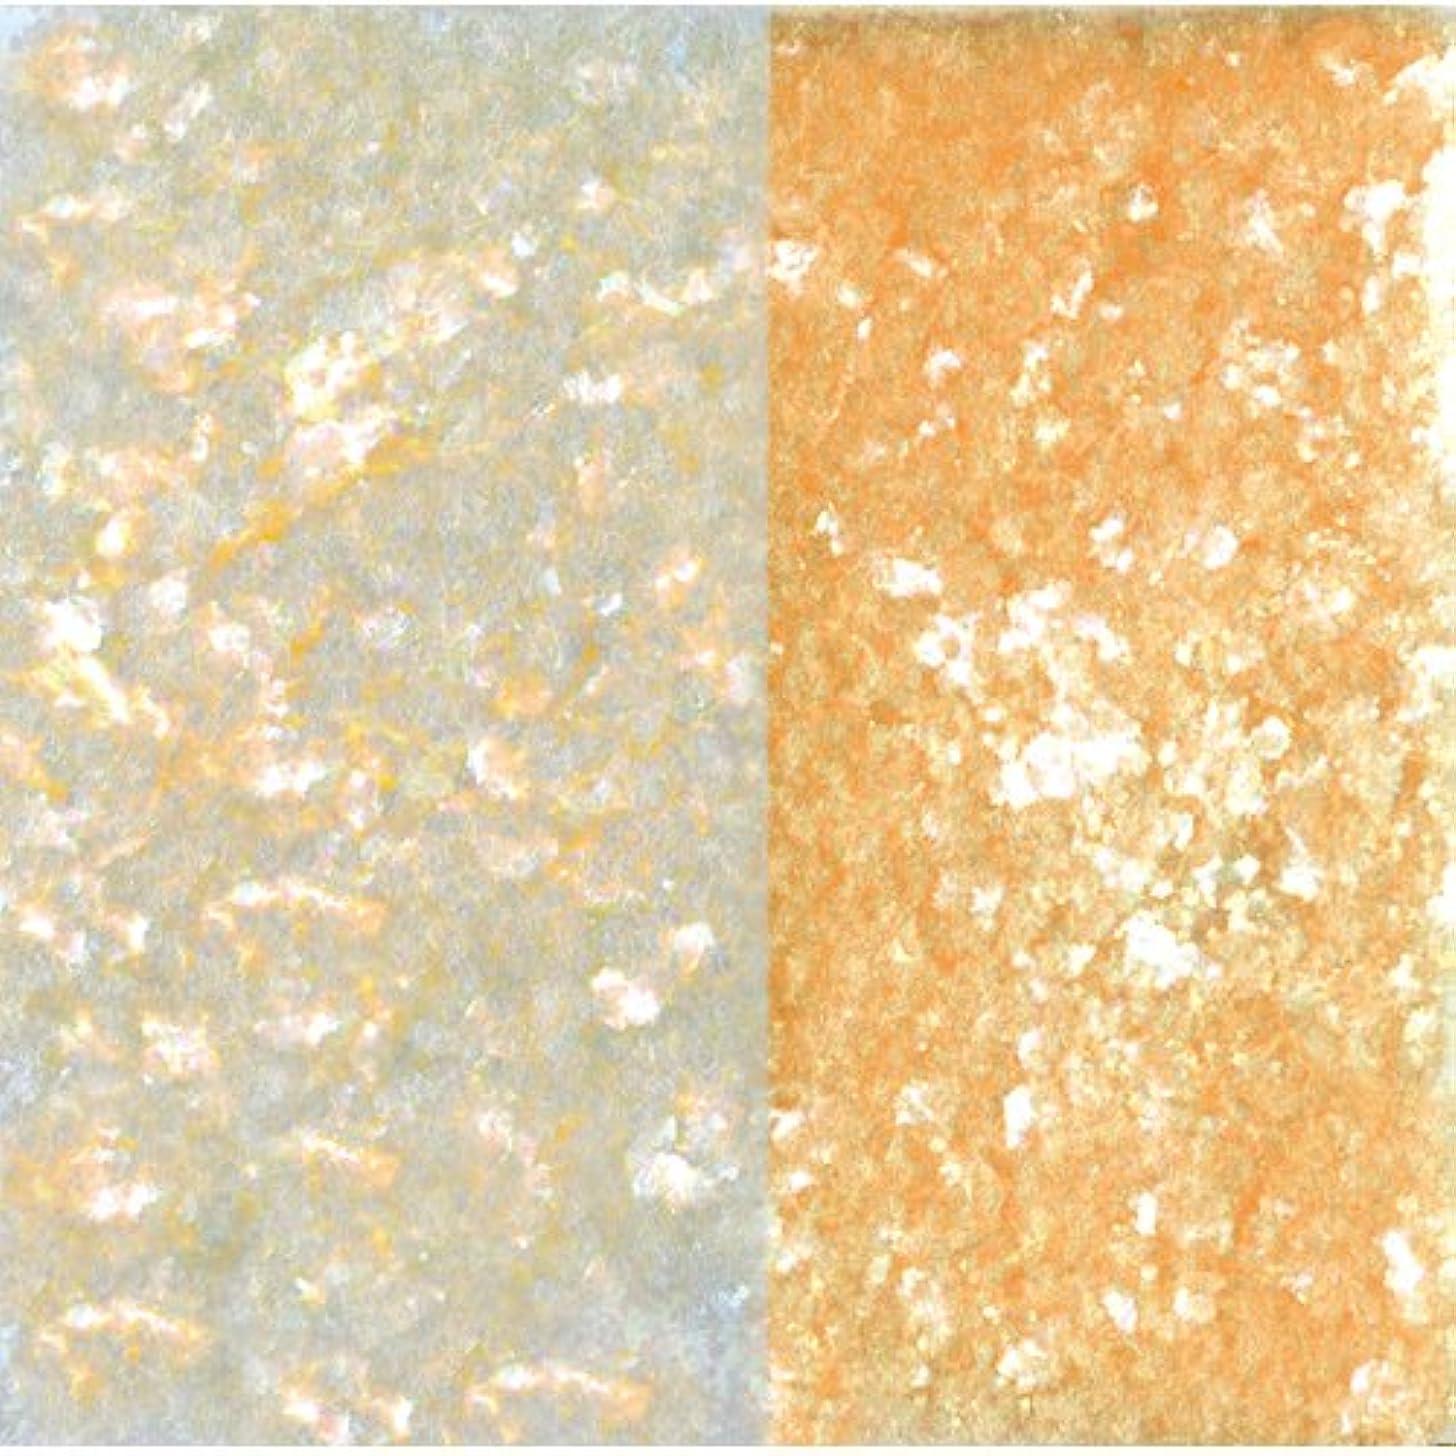 誇張する船尾腐敗したピカエース ネイル用パウダー ピカエース エフェクトフレークH L #417 オレンジ 0.2g アート材